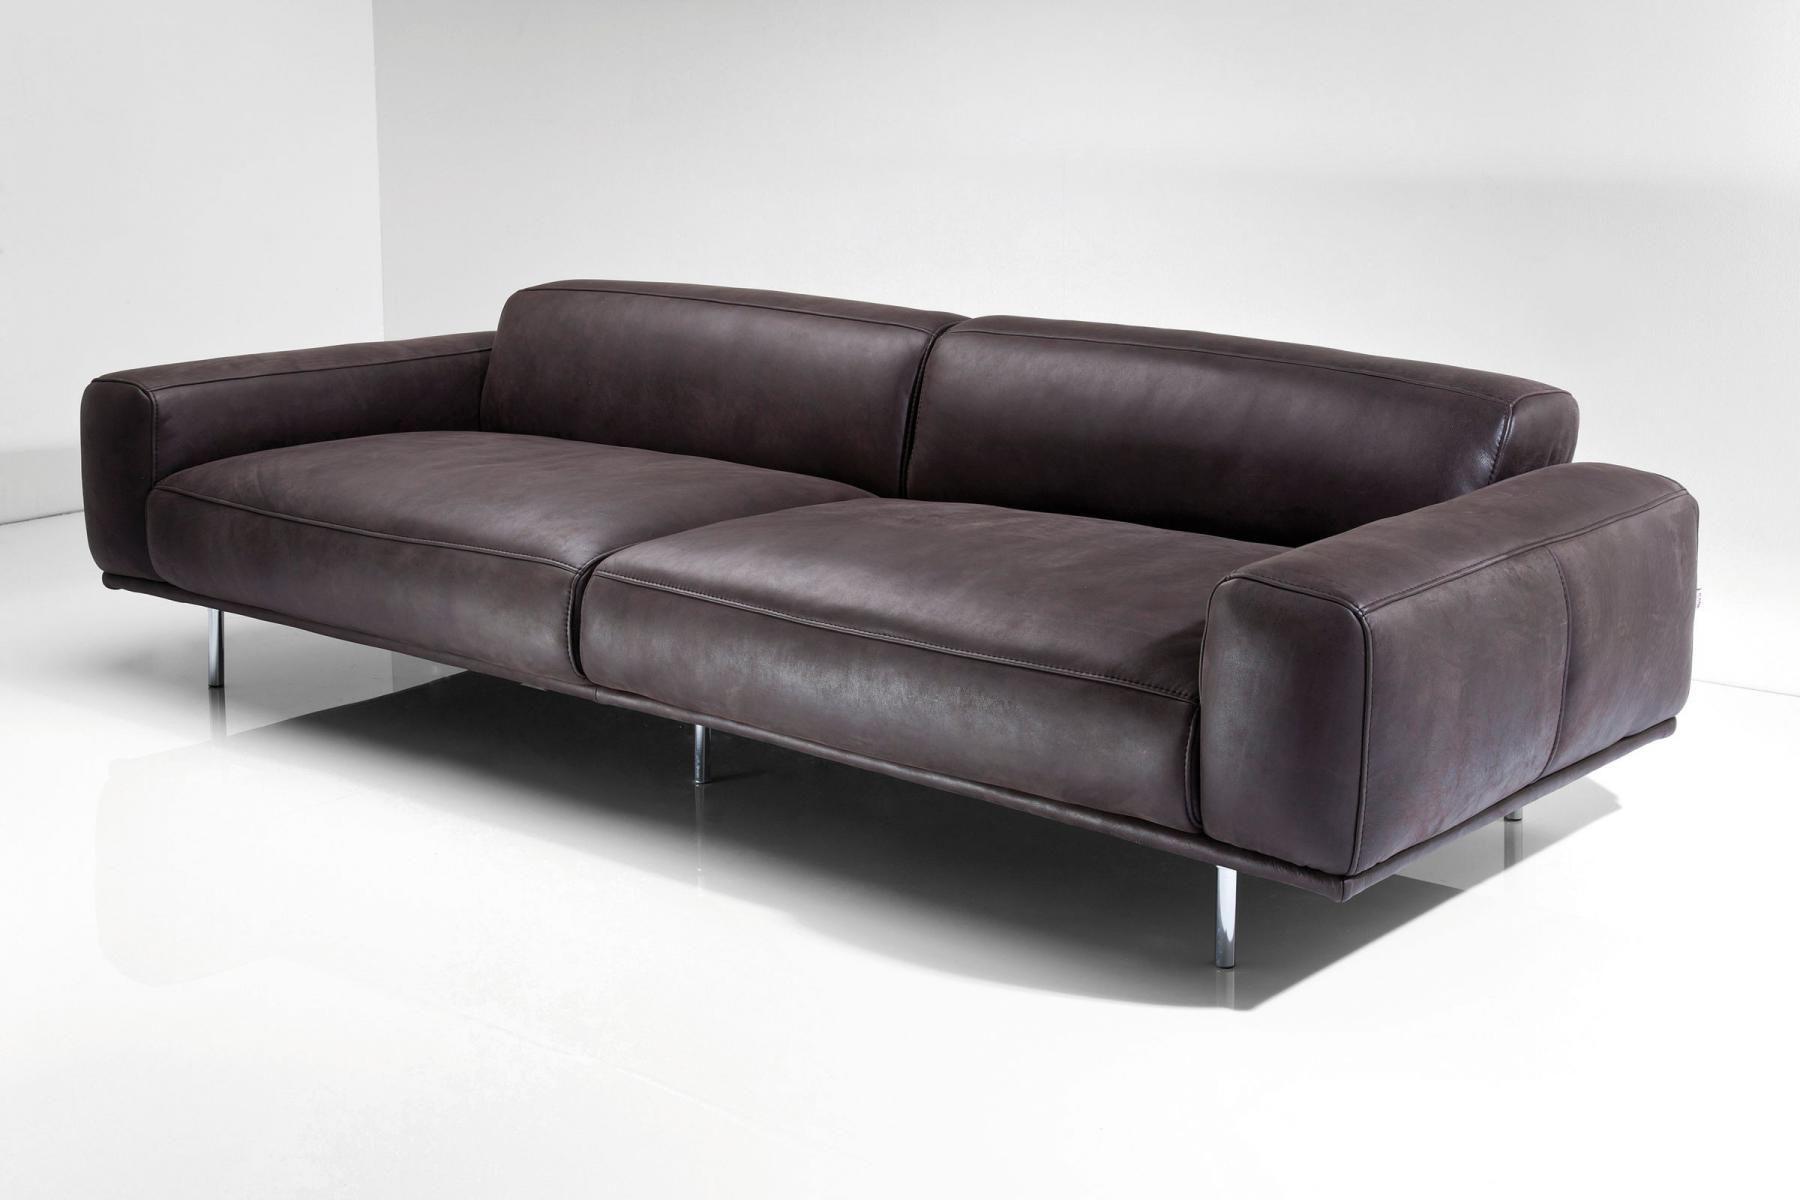 Schön echtleder sofa - | Sofa, Sofa kaufen, Moderne couch